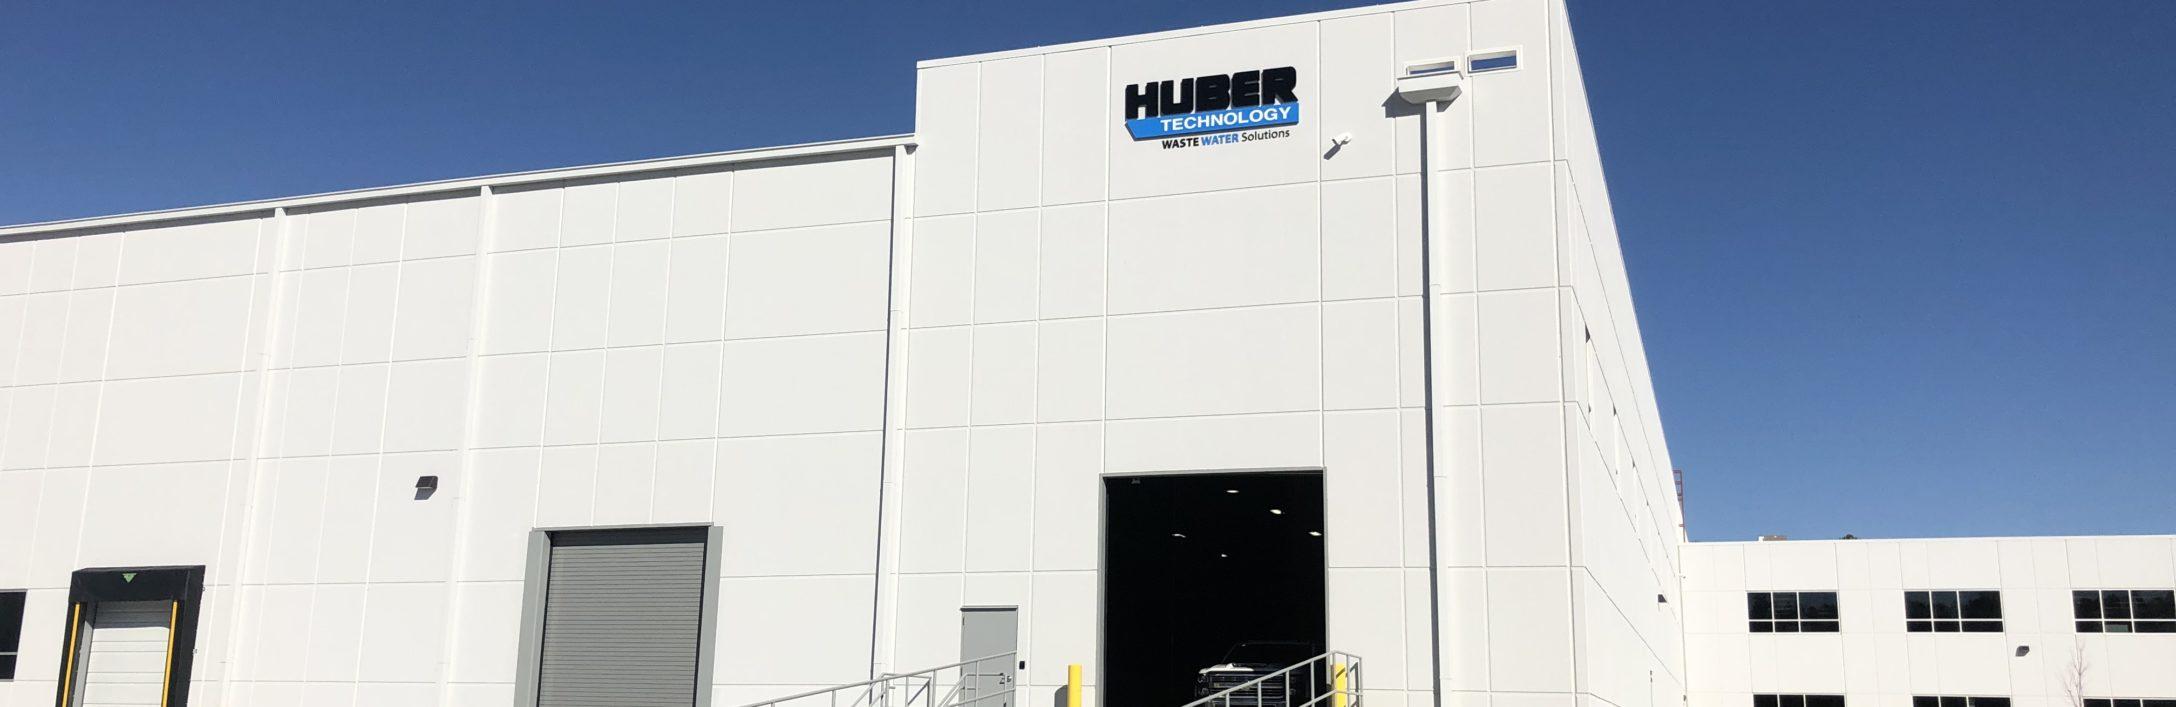 Huber Technology Dock Doors